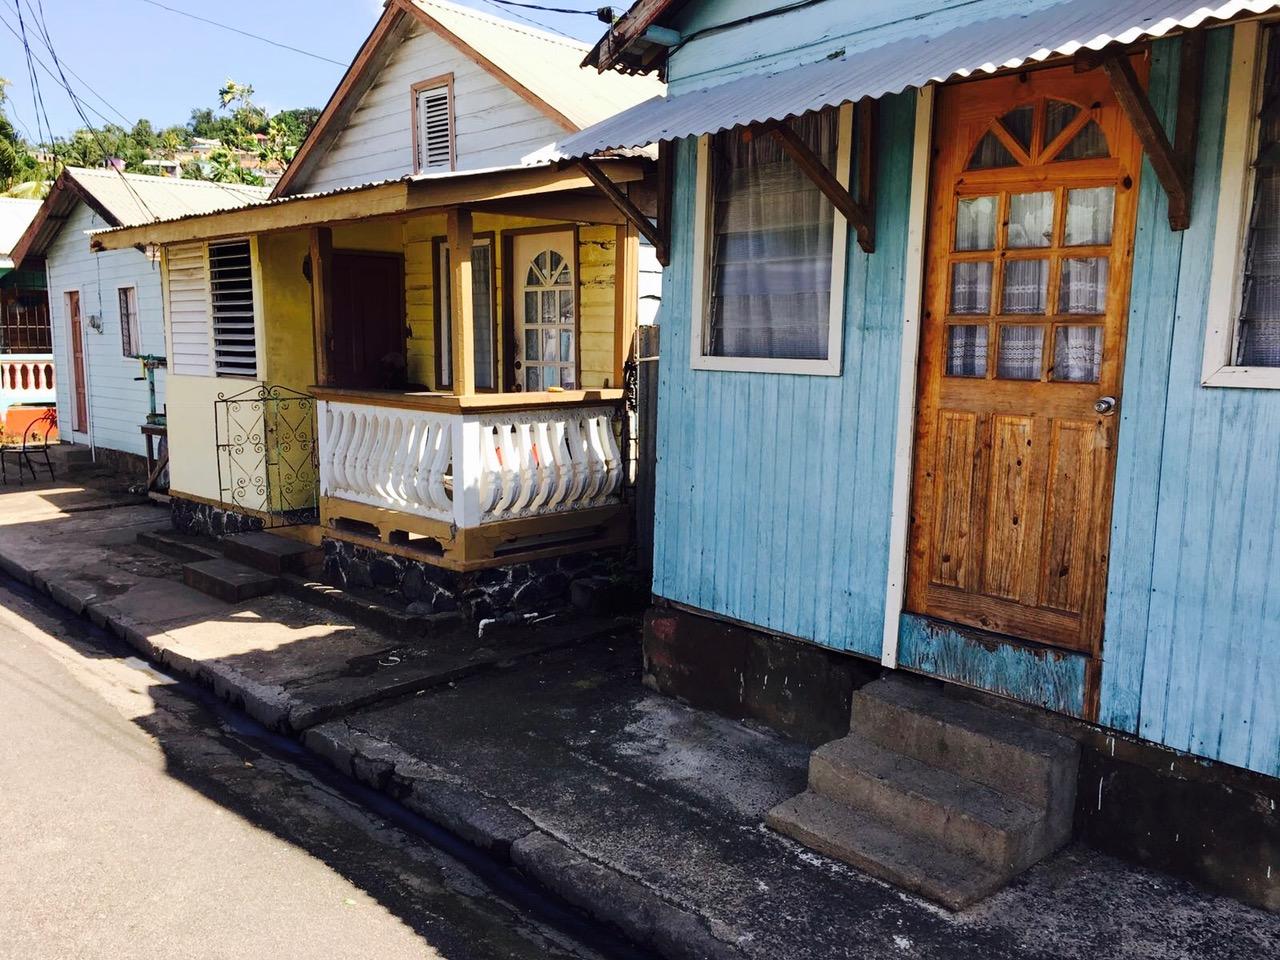 Holzhäuser im Fischerdorf Anse La Raye, St. Lucia